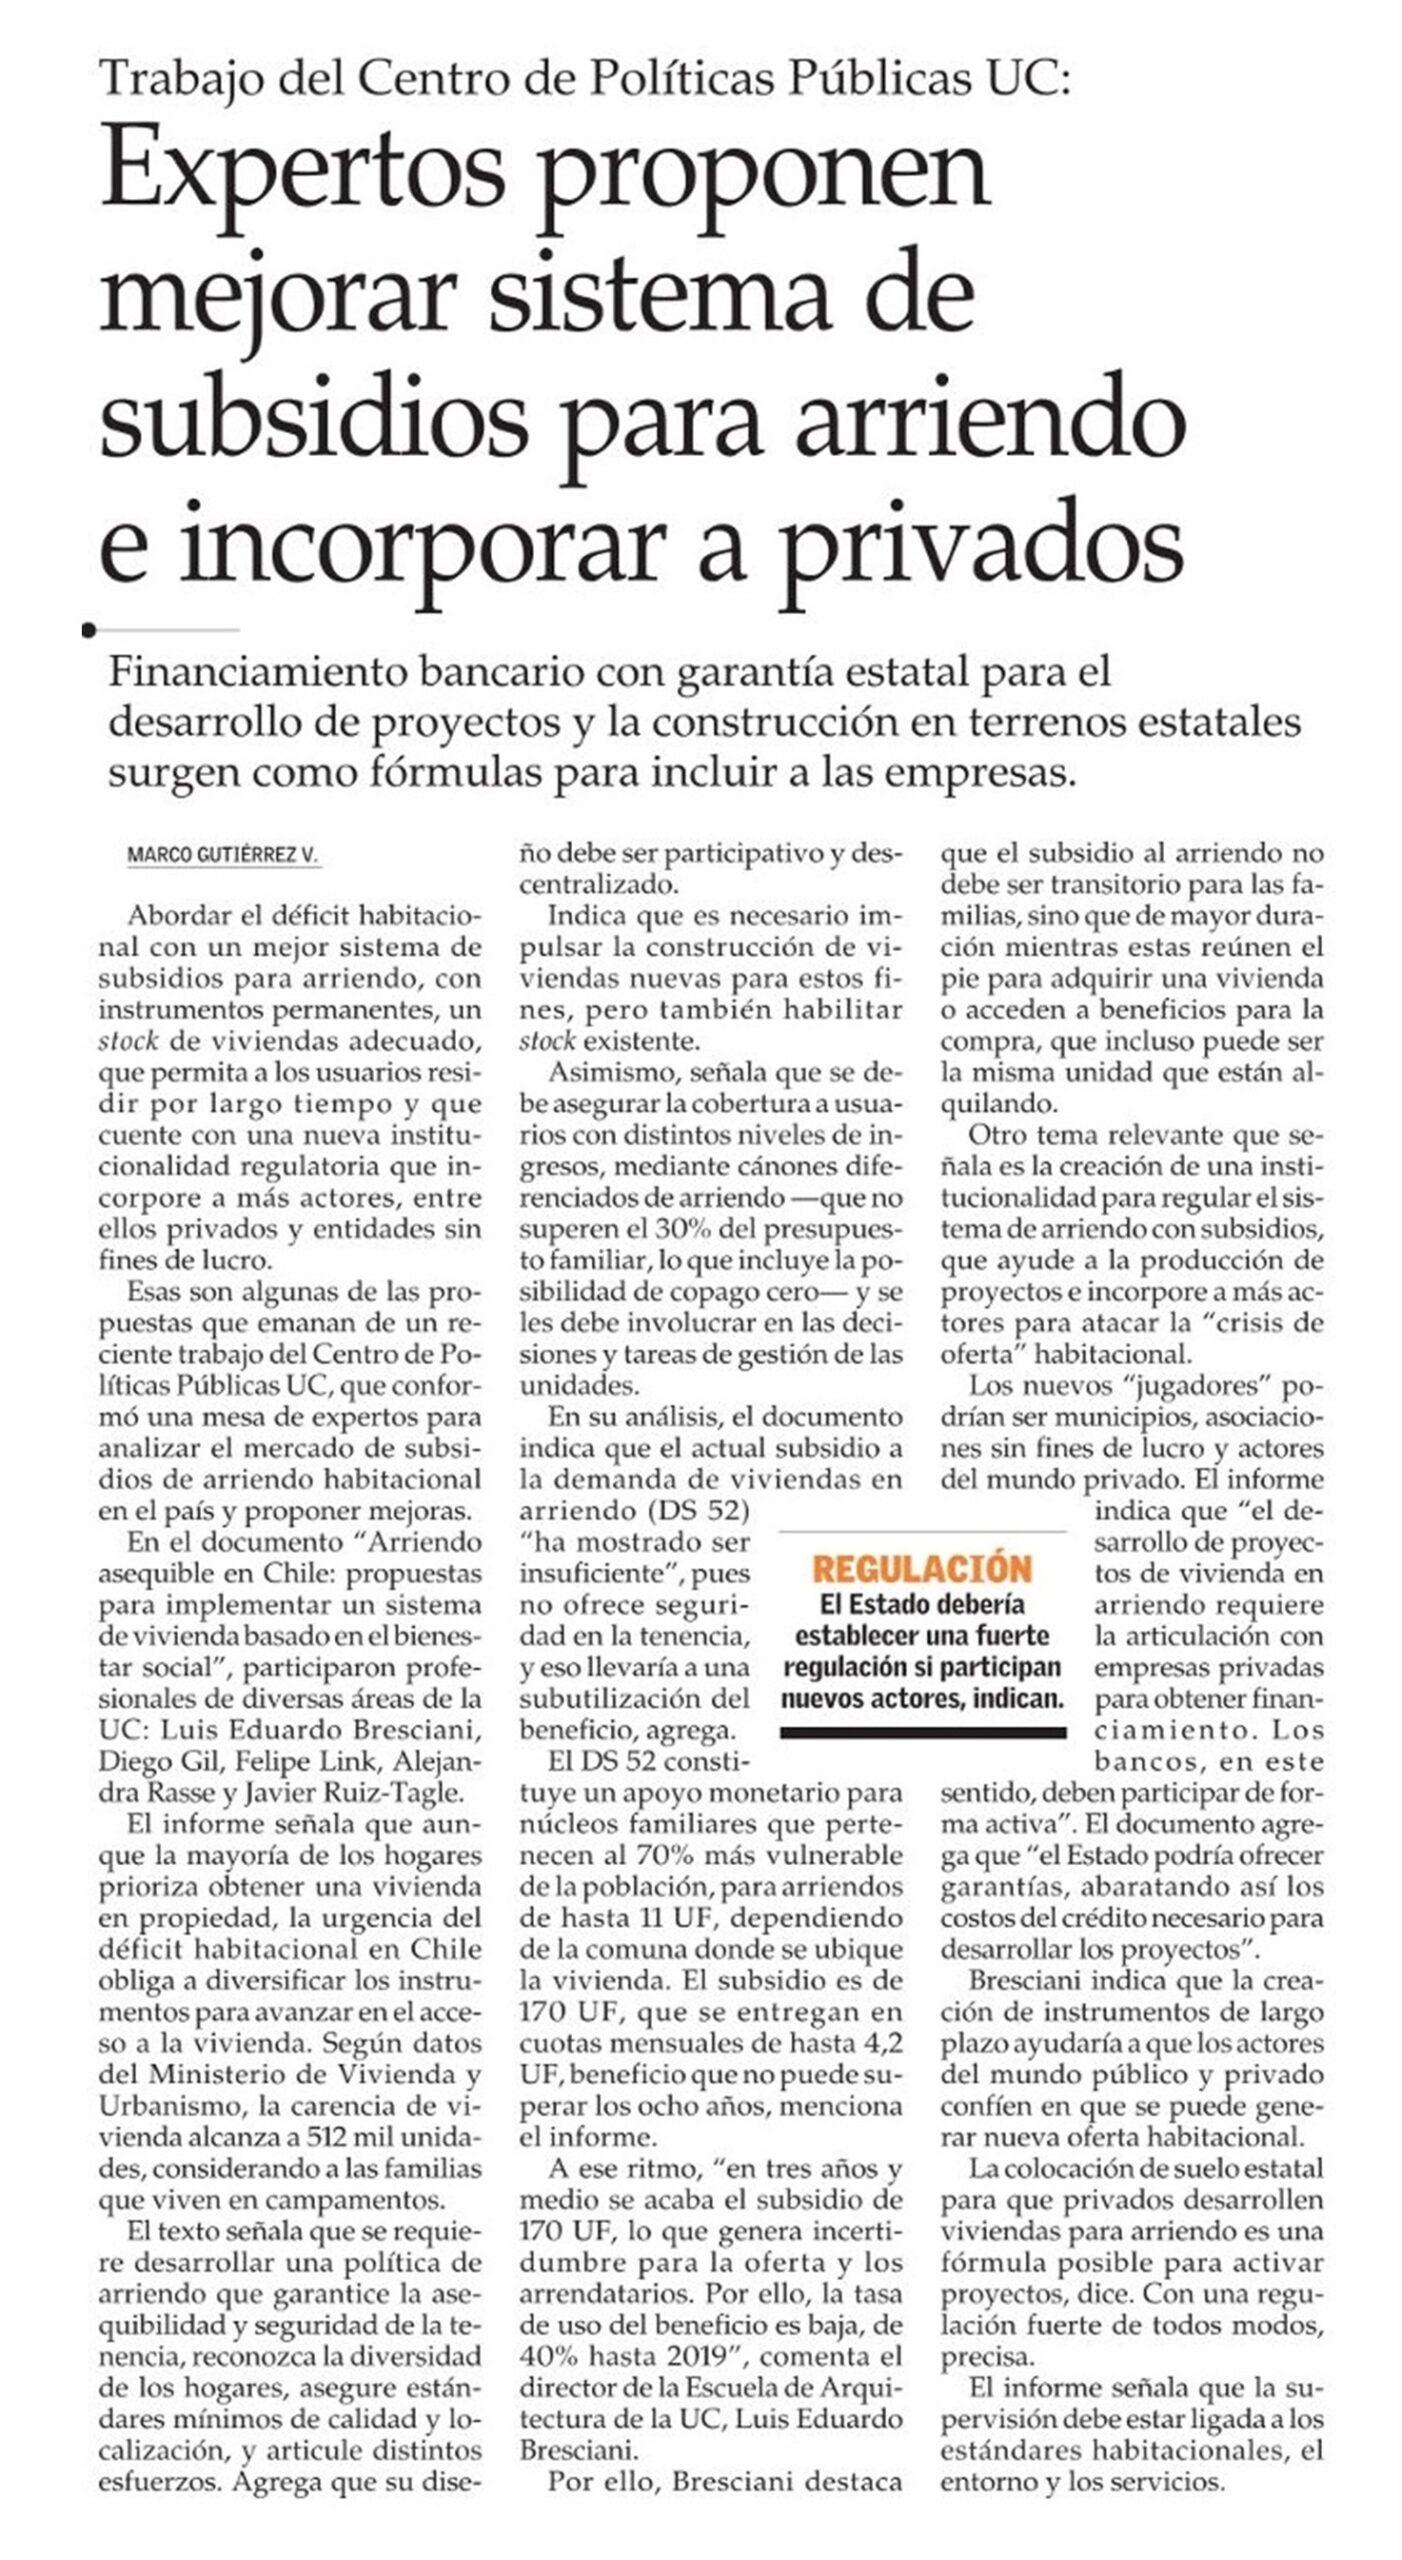 El Mercurio: Expertos proponen mejorar sistema de subsidios para arriendo e incorporar a privados